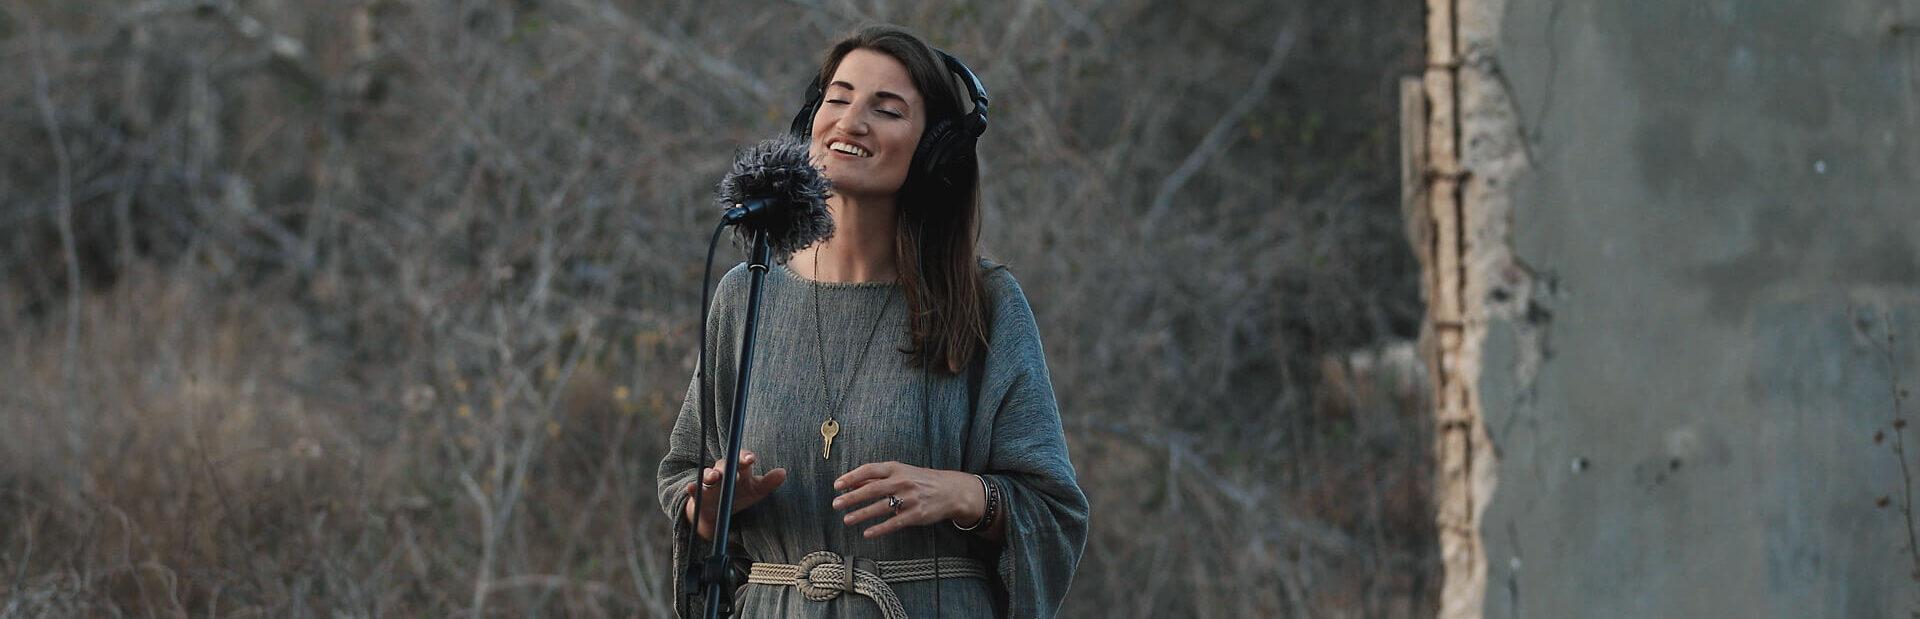 cora-rose-singer-songwriter-here-we-listen-header